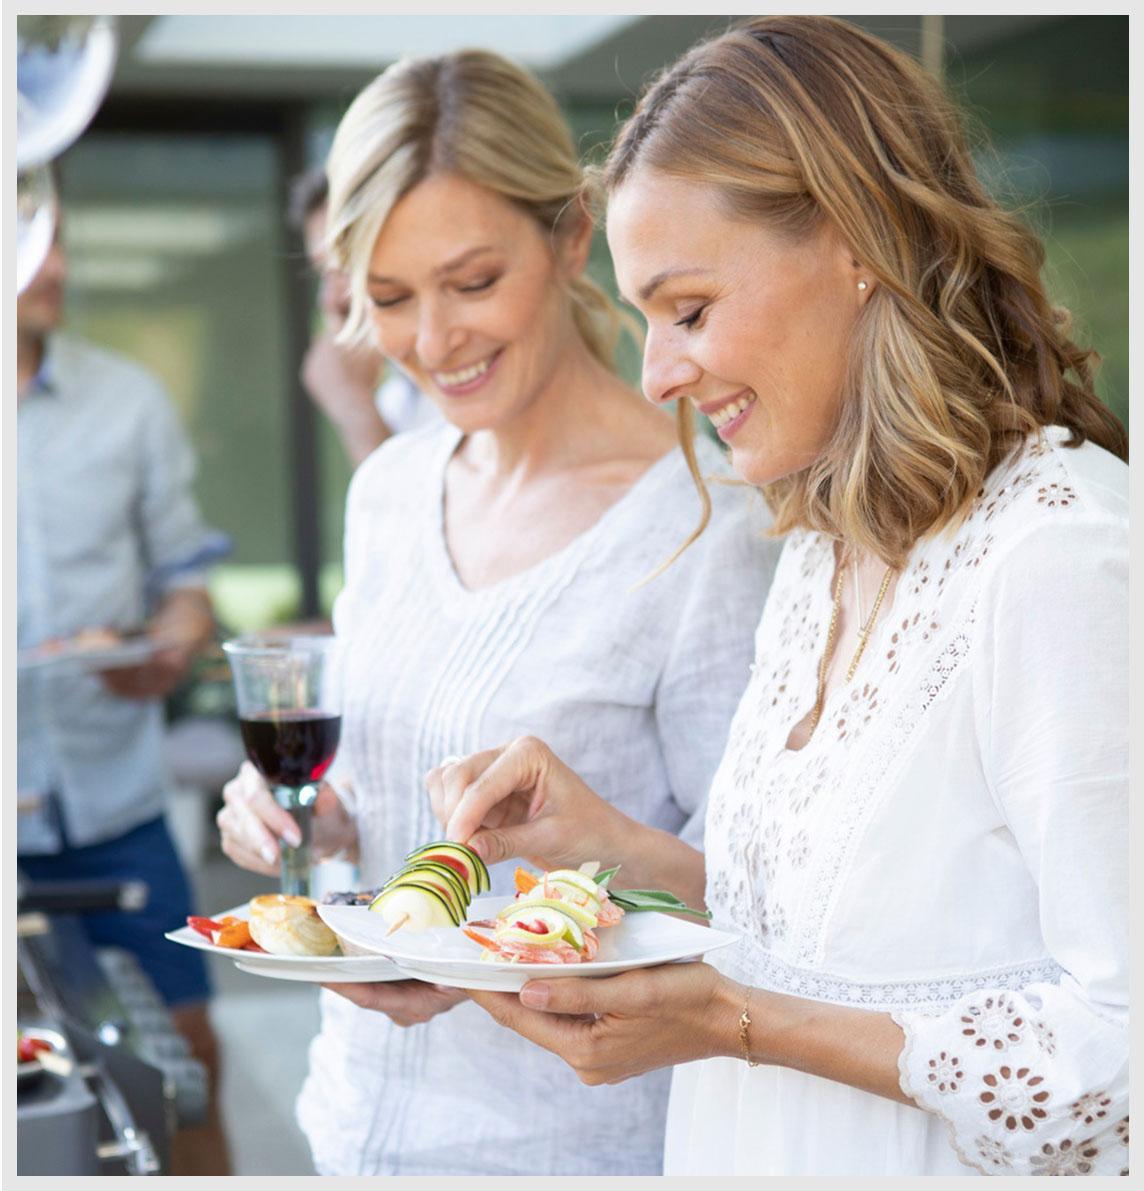 Two female friends choose tasty skewers.